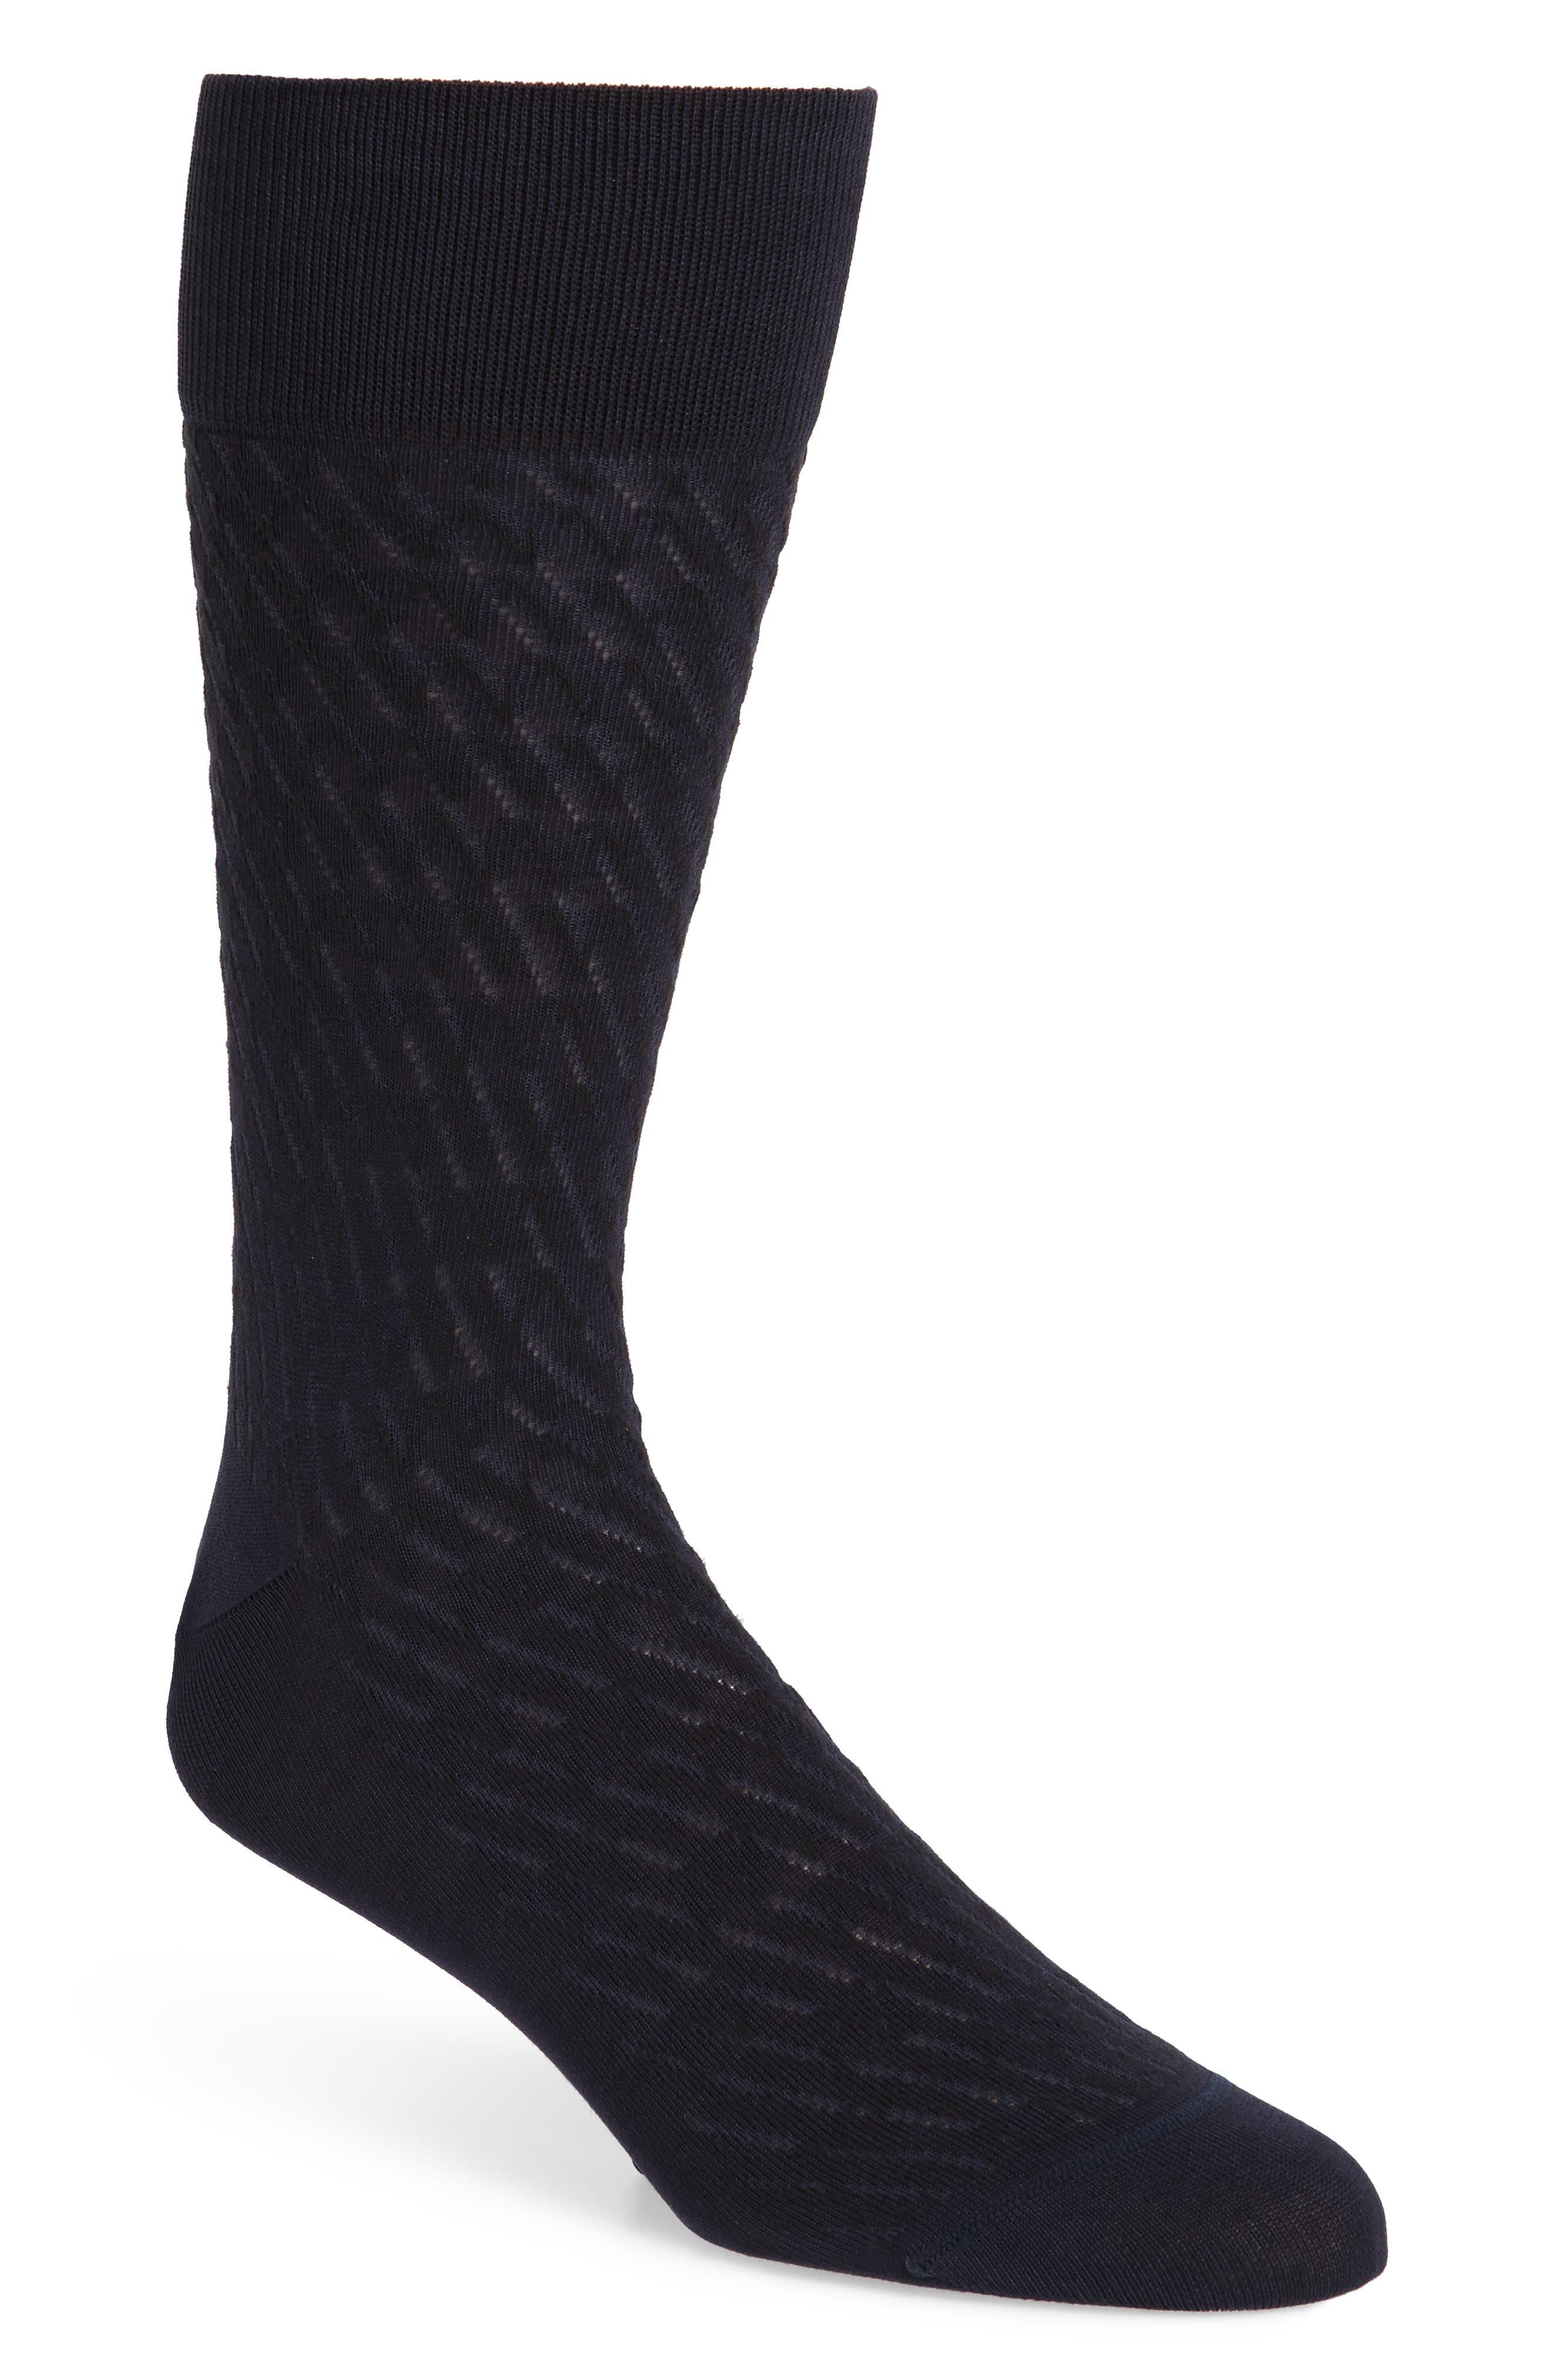 Alternate Image 1 Selected - John W. Nordstrom® Diagonal Plaited Socks